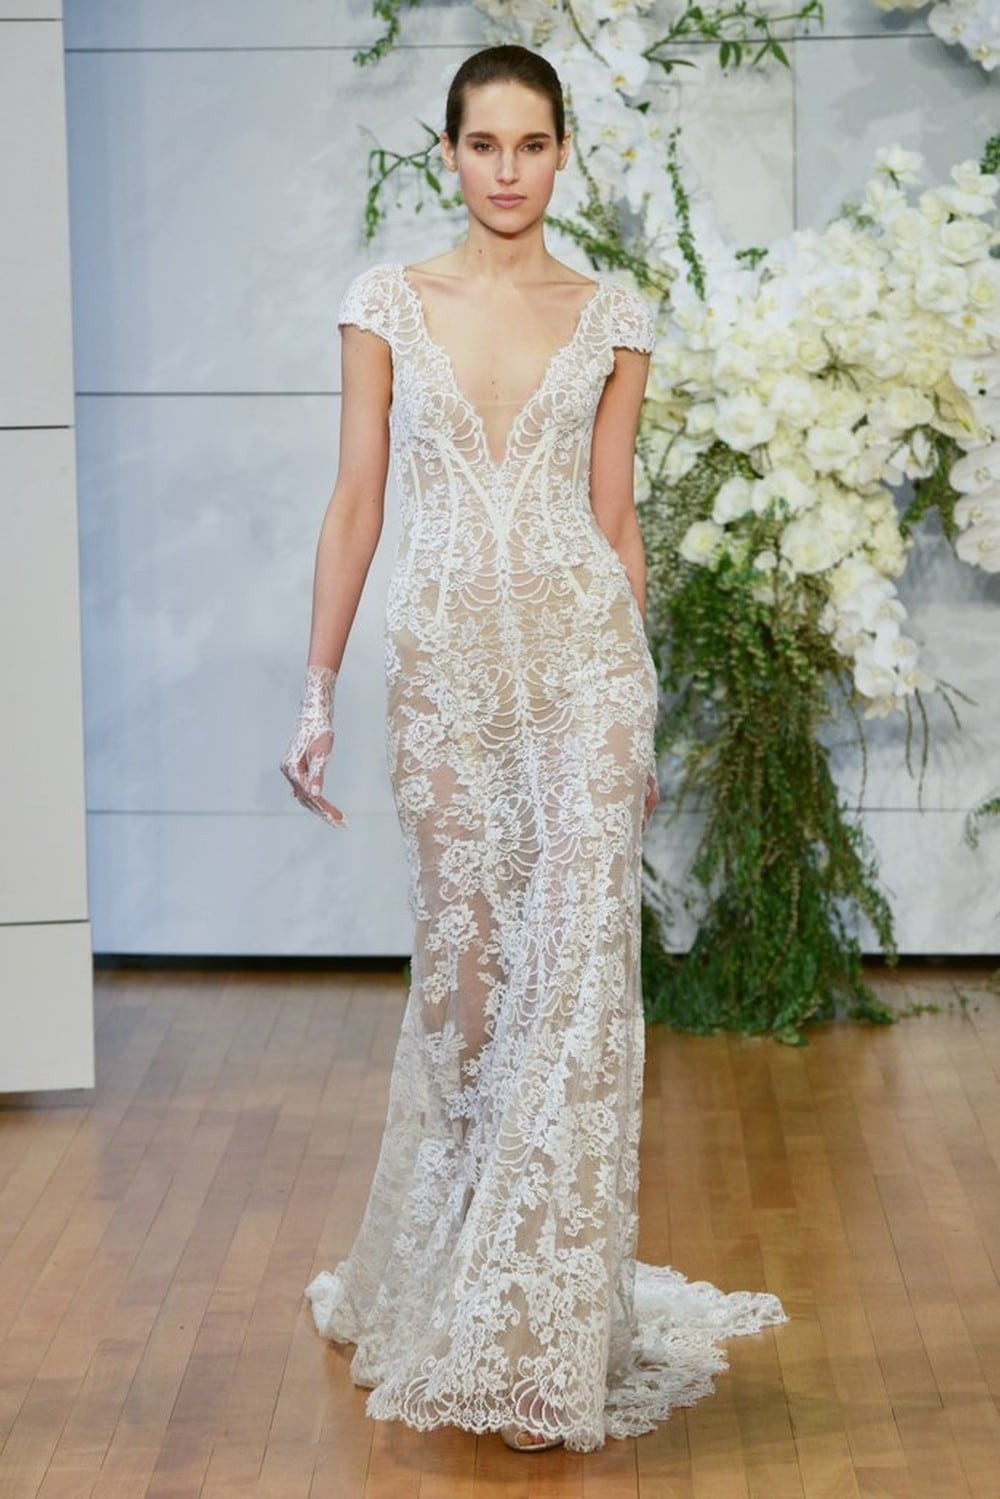 Xu hướng váy cưới năm 2018 có gì đặc sắc?